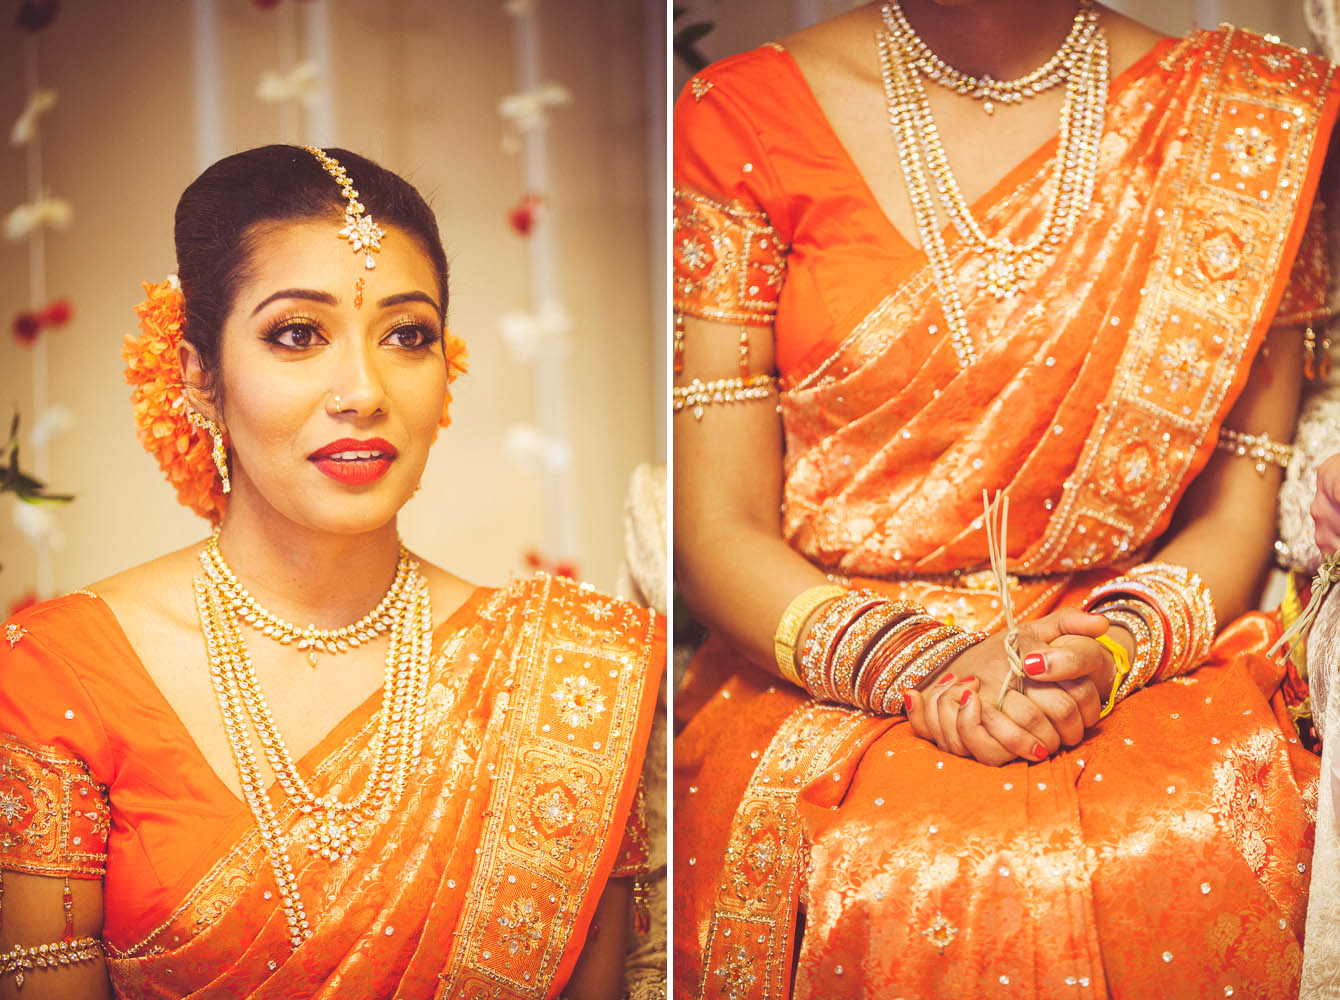 Thubeena's orange sari